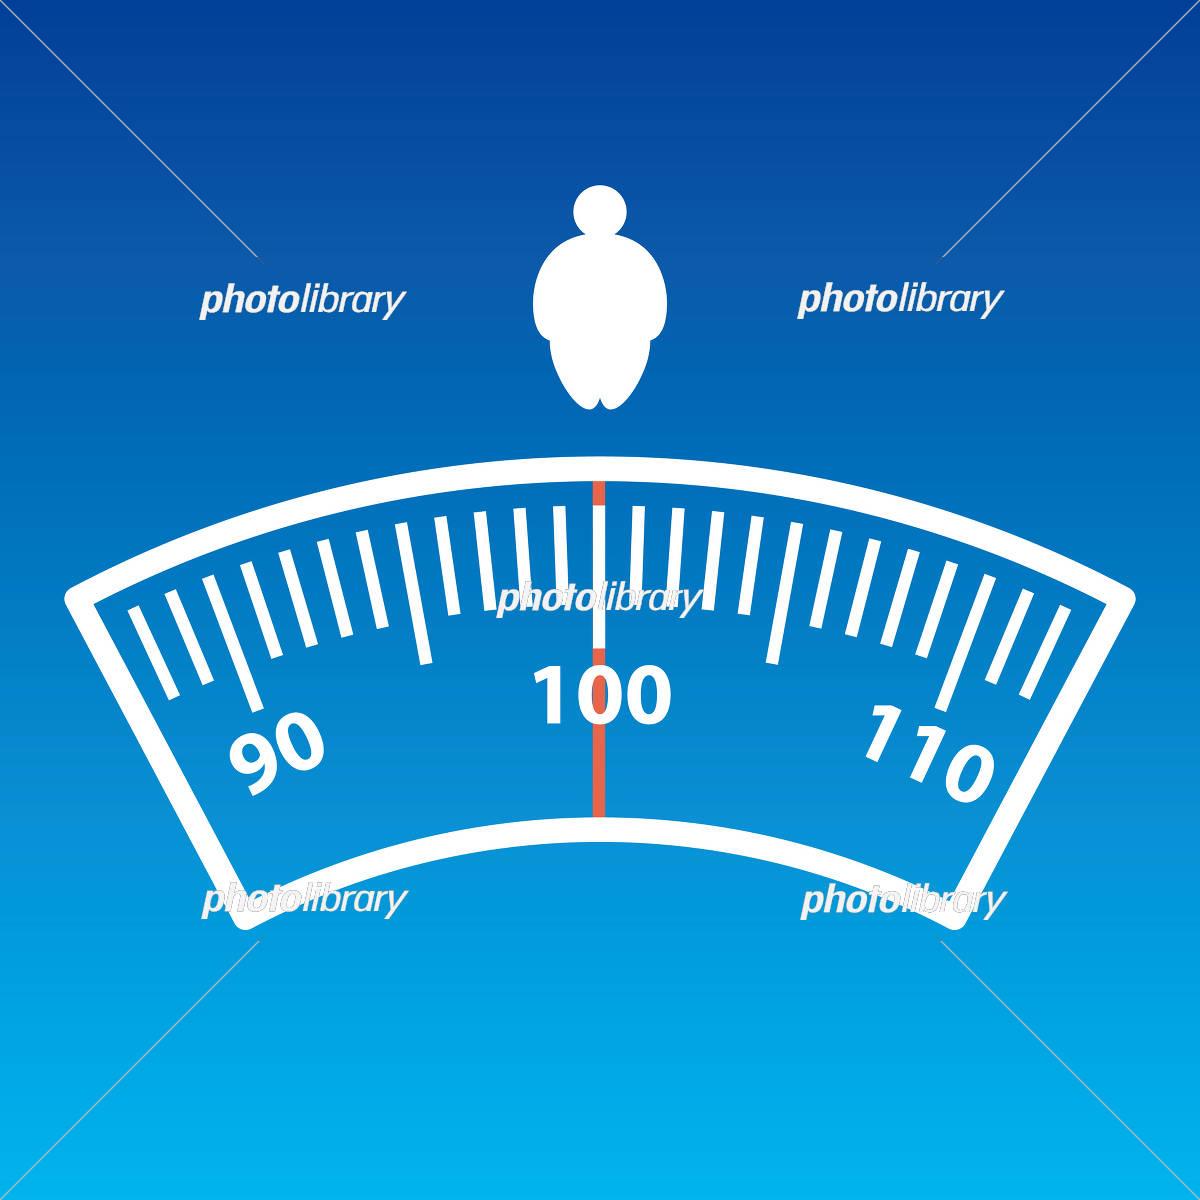 体重計と太った人のマーク イラスト素材 3025779 フォトライブ